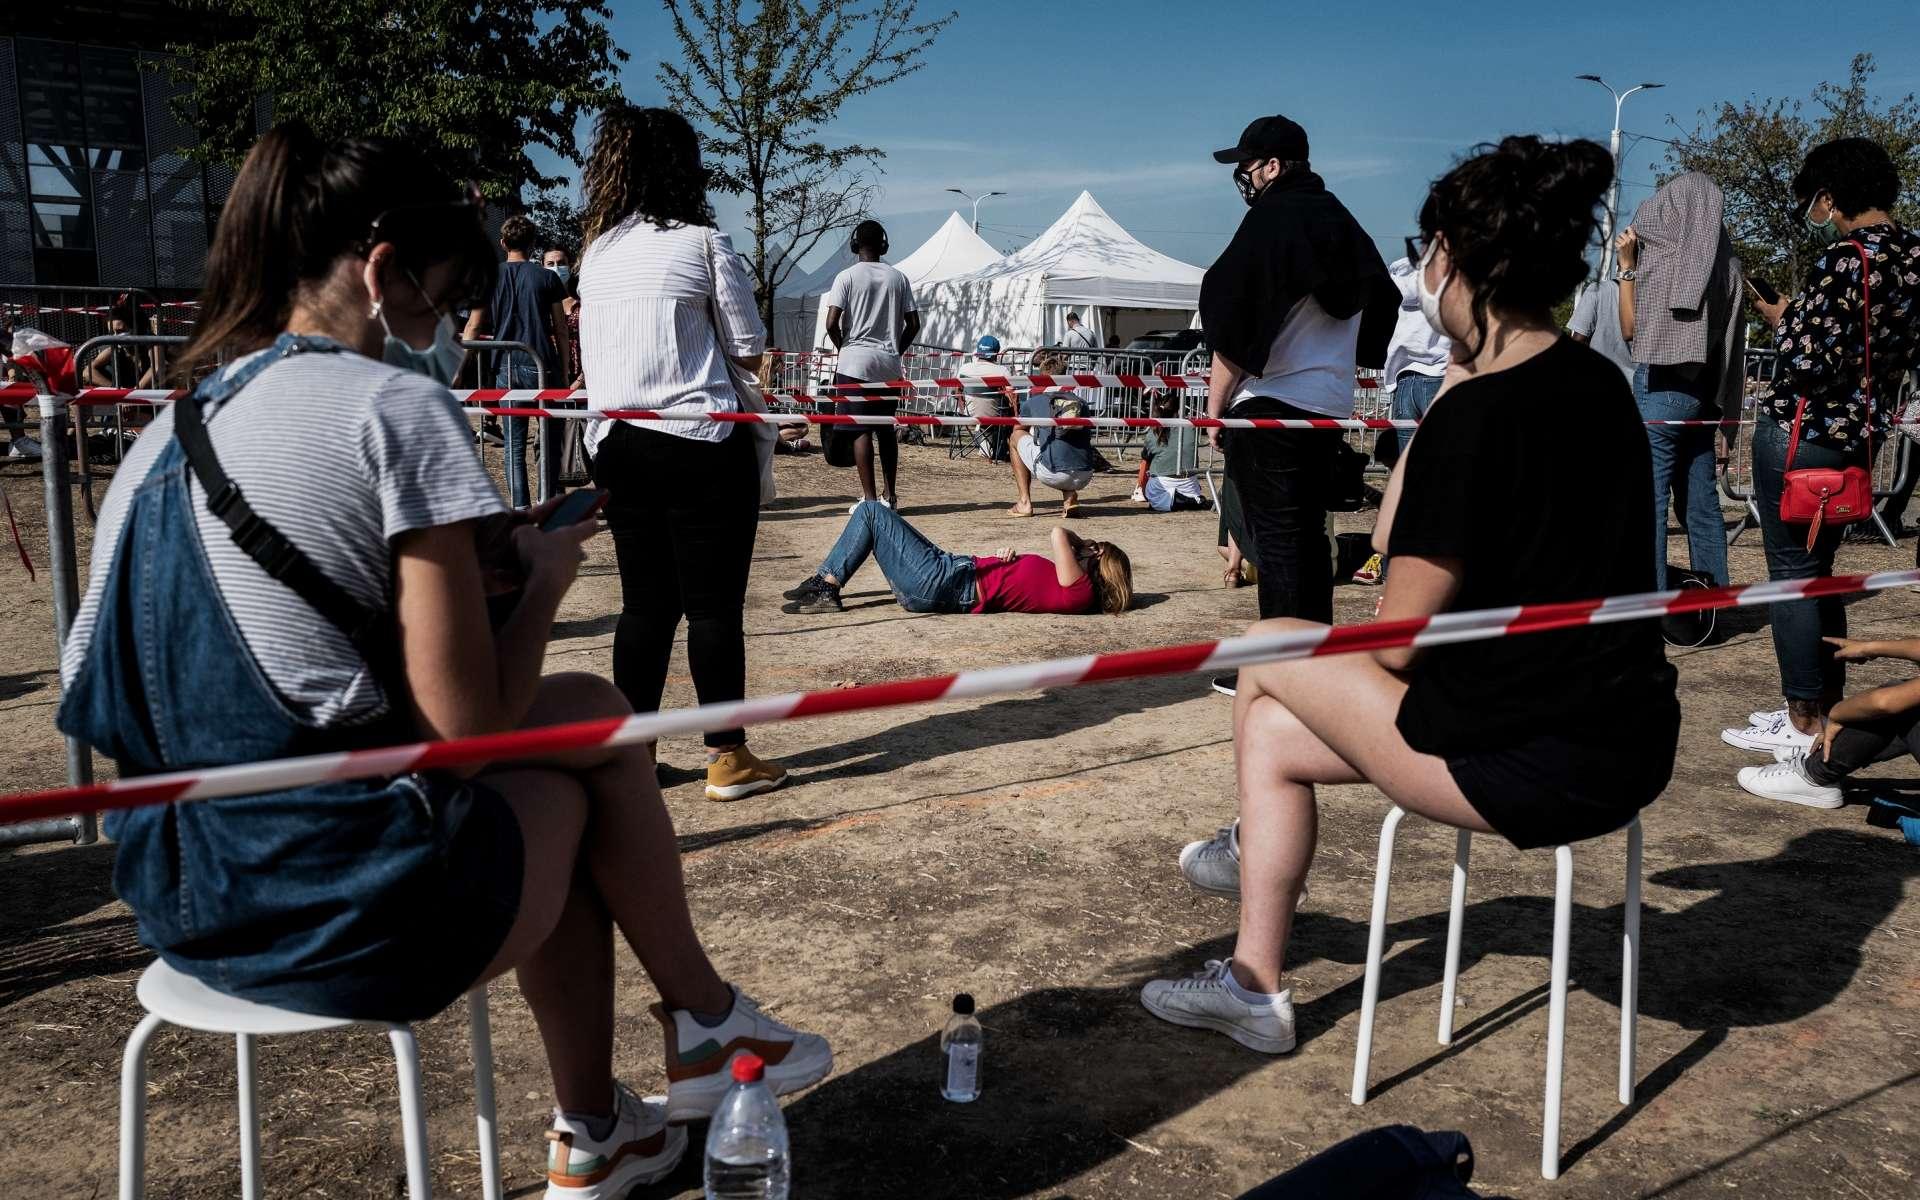 L'Organisation mondiale de la santé (OMS) s'attend à une remontée de la mortalité liée au Covid-19 cet automne due à la reprise de l'épidémie en Europe, selon l'OMS. © Jeff Pachoud, AFP